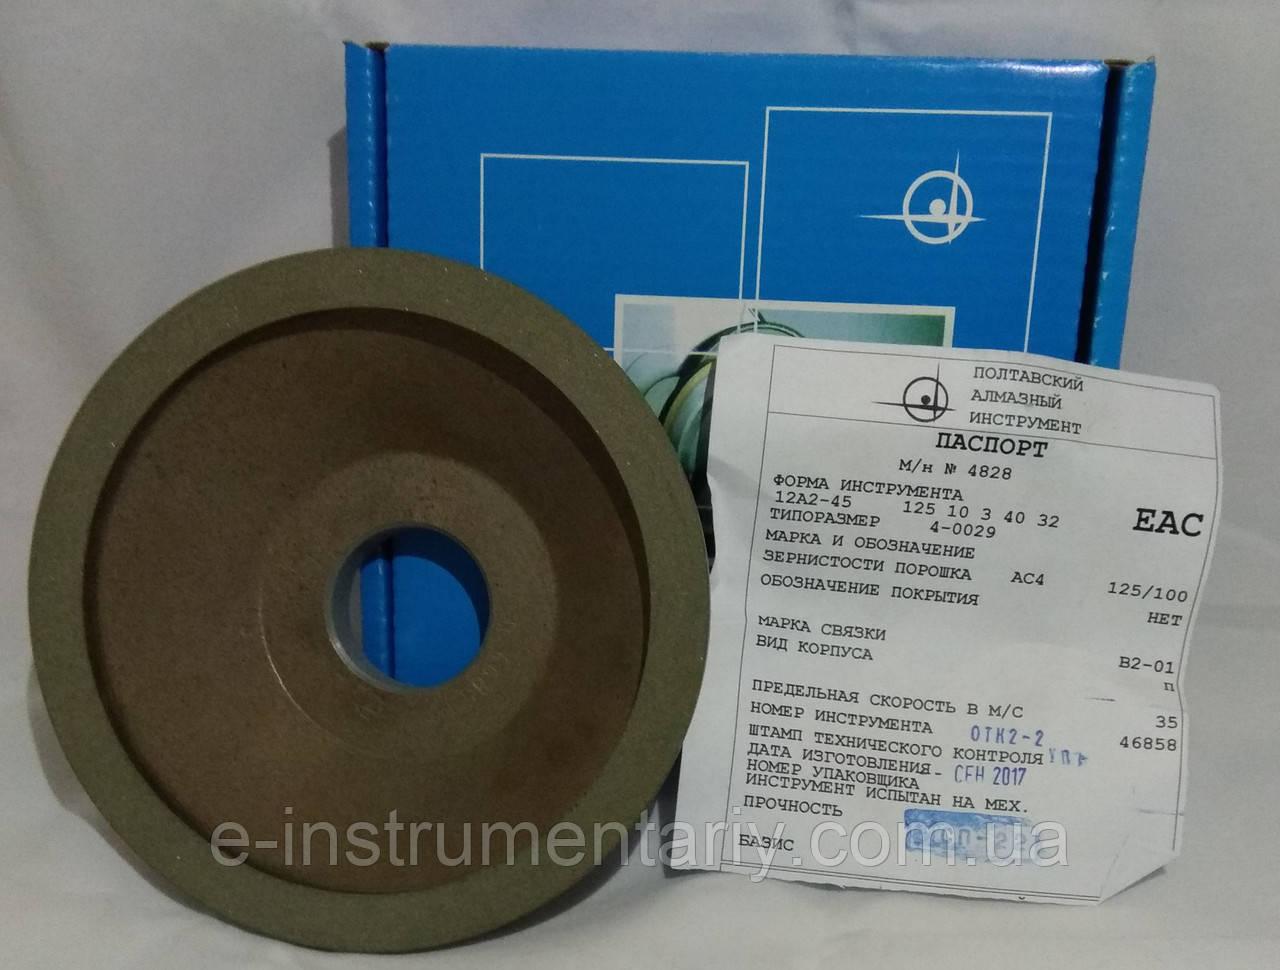 Алмазный круг(12А2-45°) (чашка) 125х20х3х40х32 Базис АС4 Связка В2-01